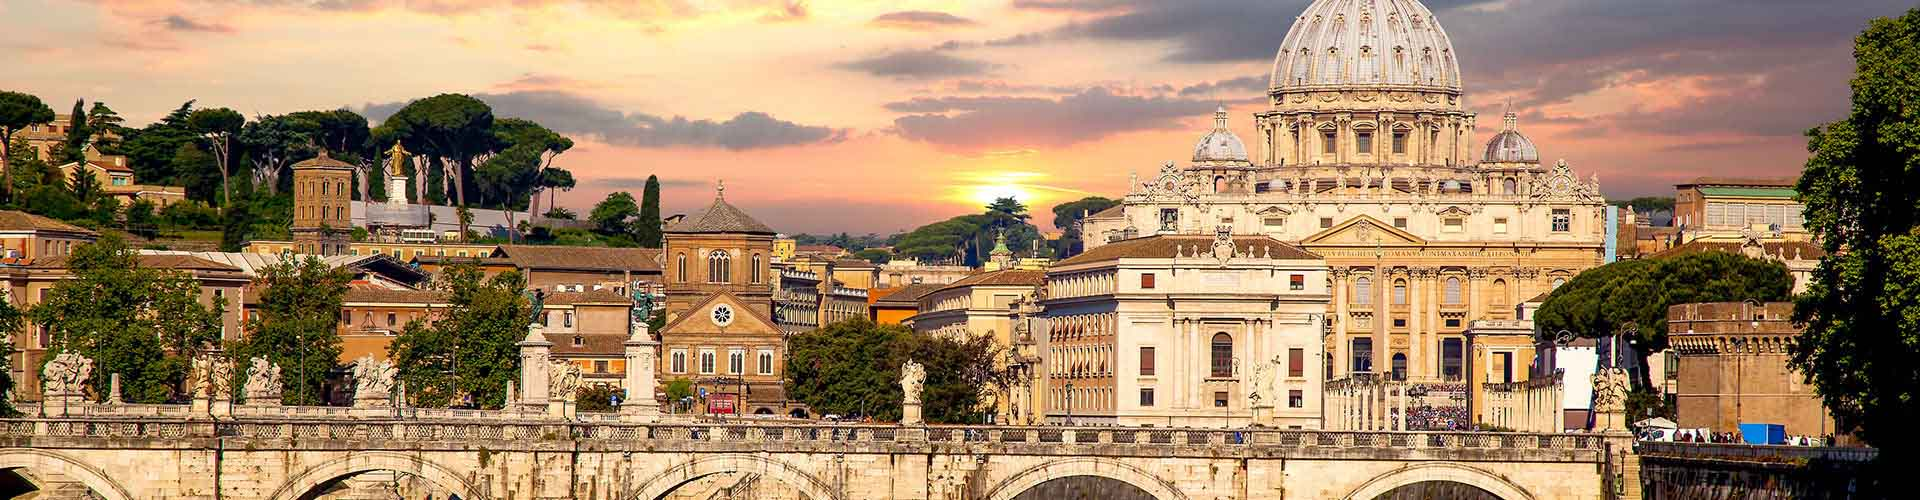 Rome - Chambres pas chères dans le quartier de Verano. Cartes pour Rome, photos et commentaires pour chaque chambre à Rome.